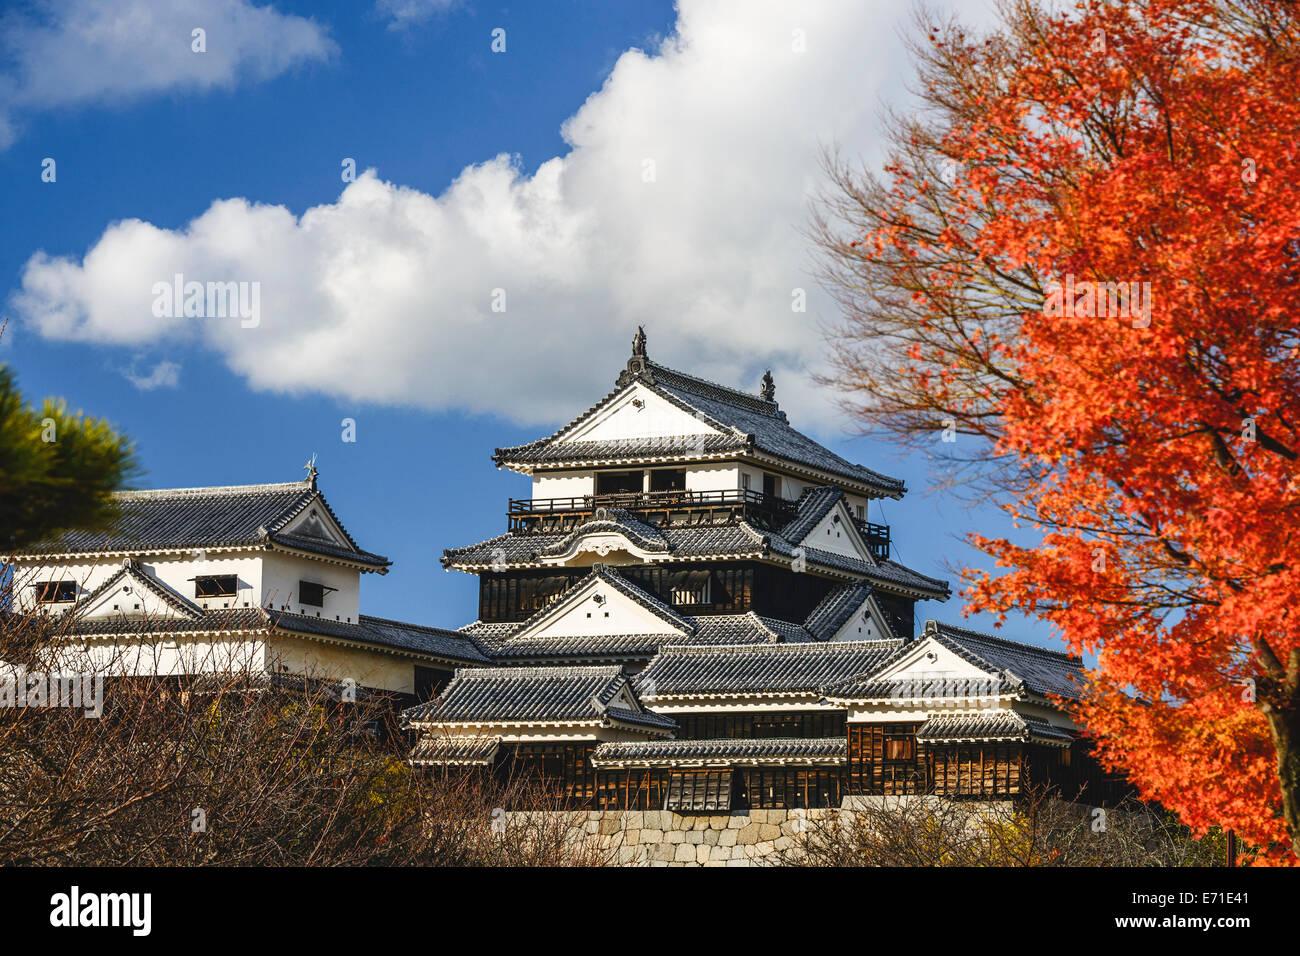 El Castillo de Matsuyama en Matsuyama, Japón. Foto de stock